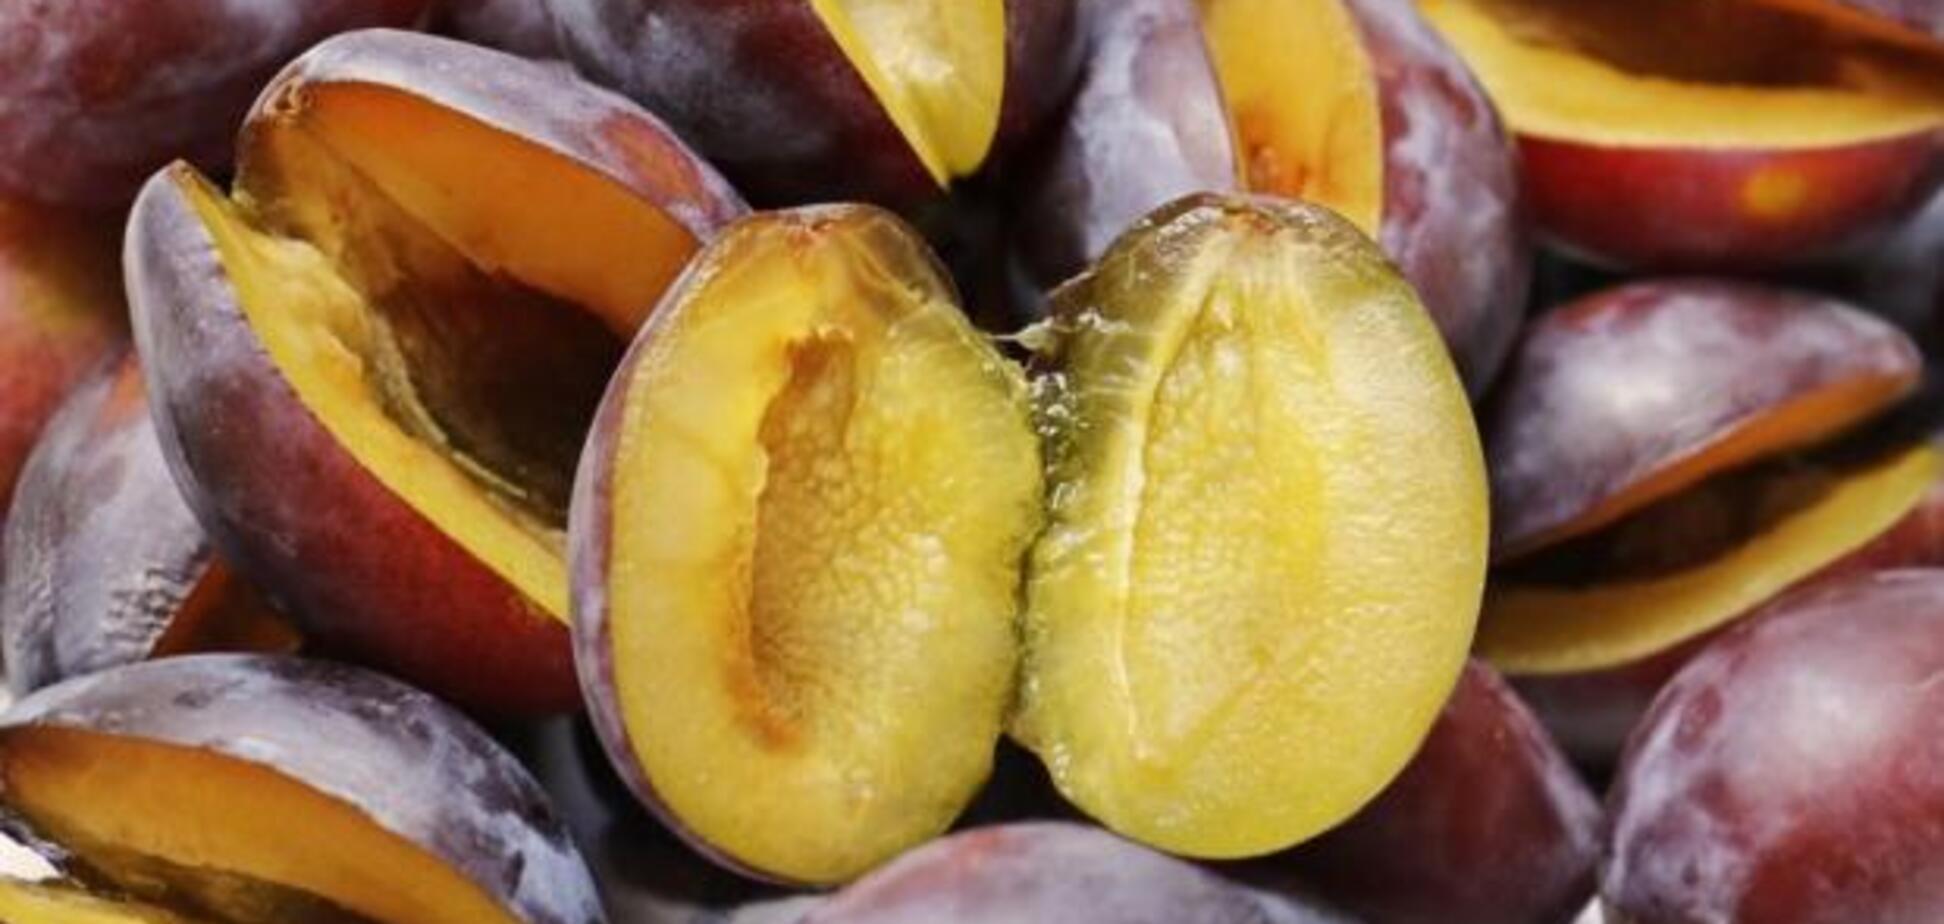 Дієтологи назвали підгнилі фрукти та овочі небезпечними для здоров'я